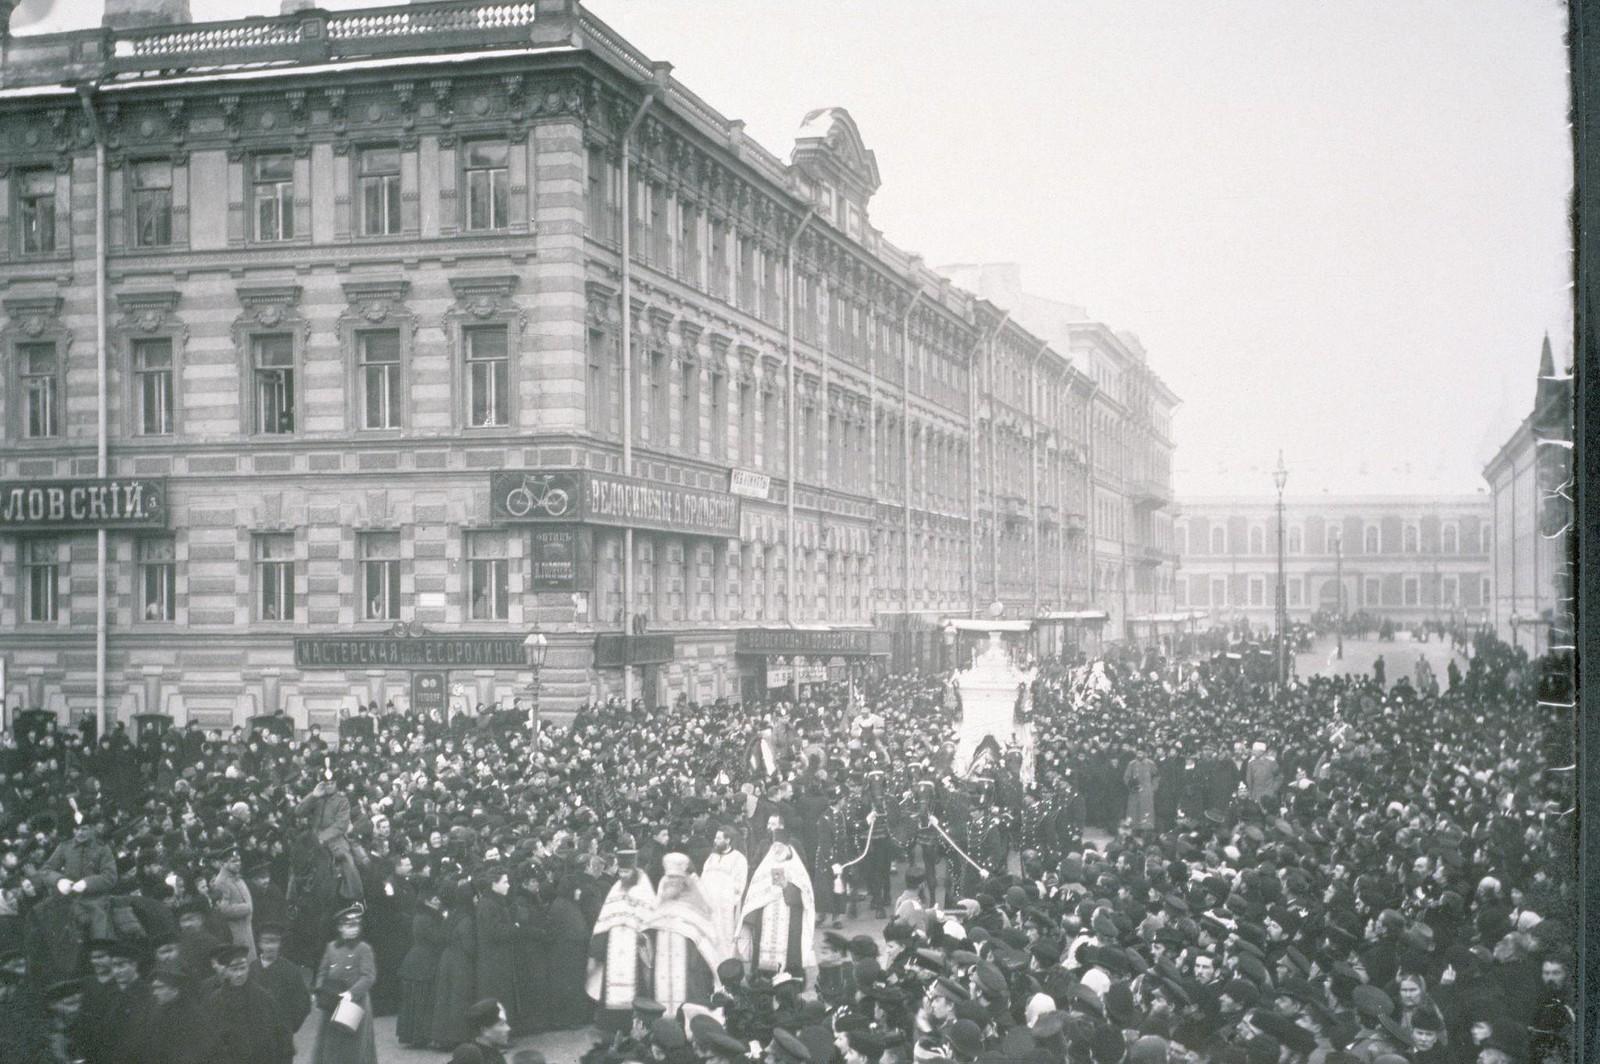 1893. Огромная толпа принимает участие в похоронном шествии русского композитора Чайковского